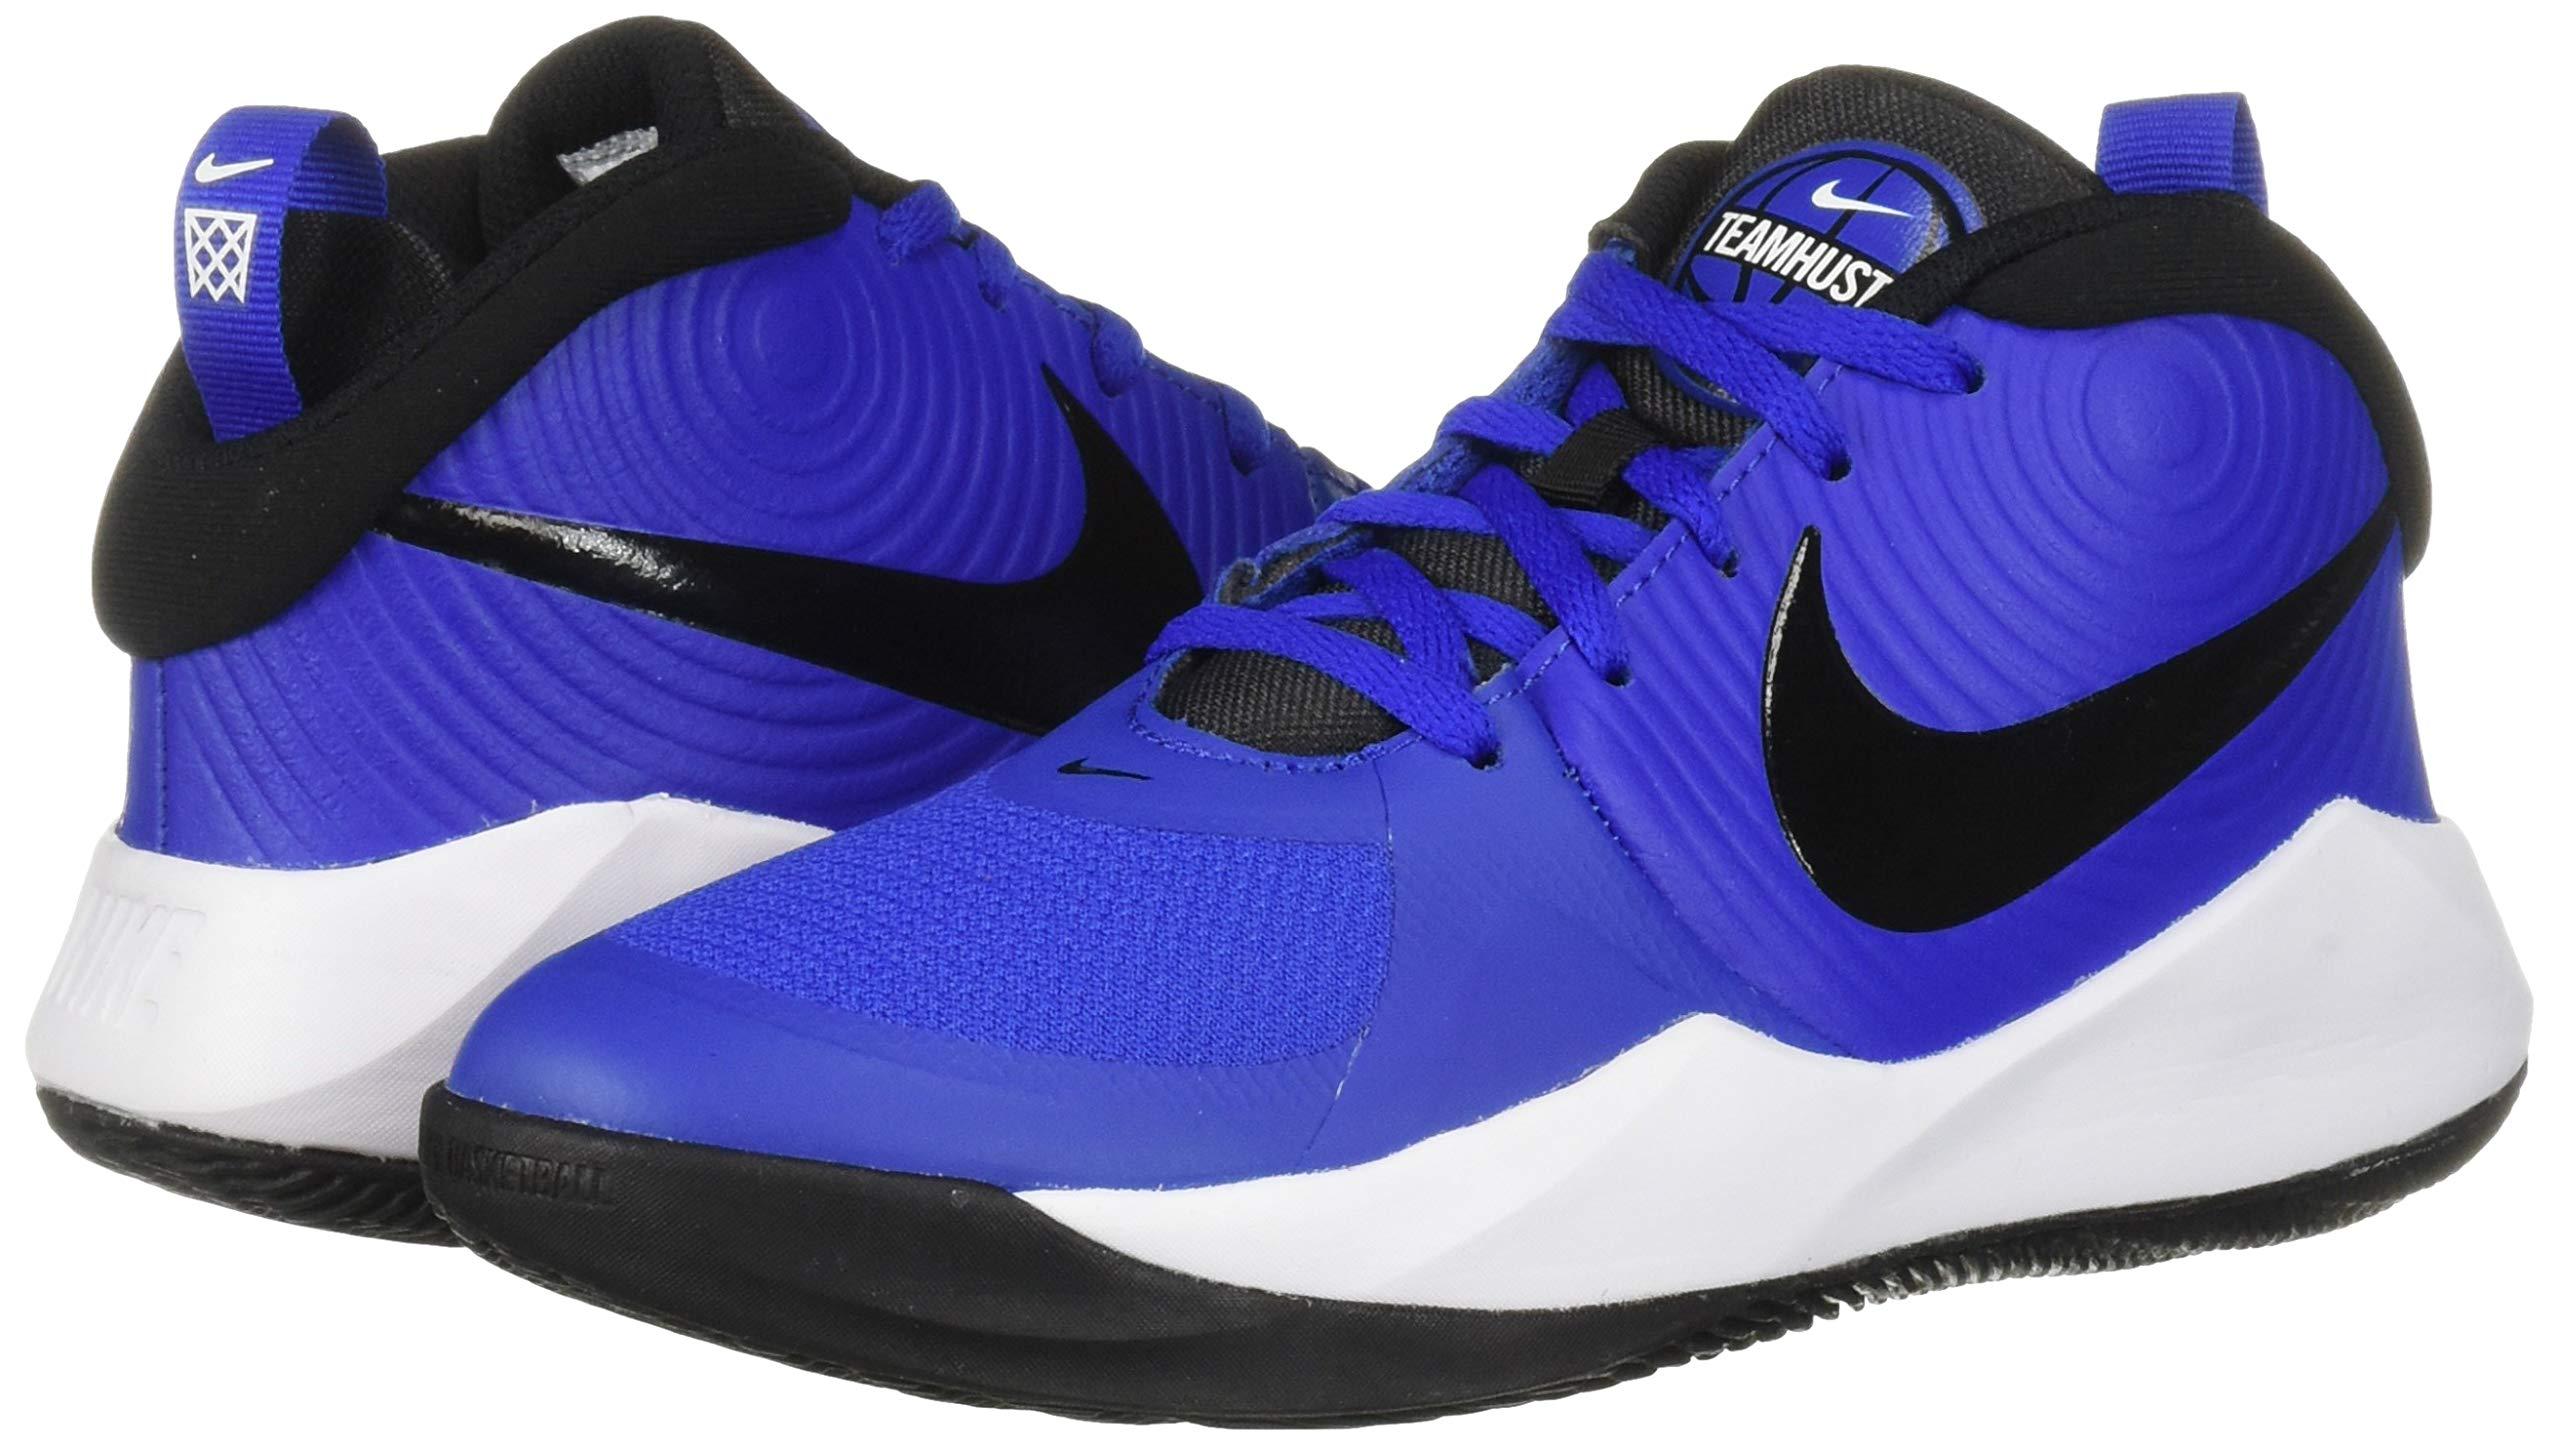 Nike Unisex Team Hustle D 9 (GS) Sneaker, Game Royal/Black - White, 5Y Regular US Big Kid by Nike (Image #6)